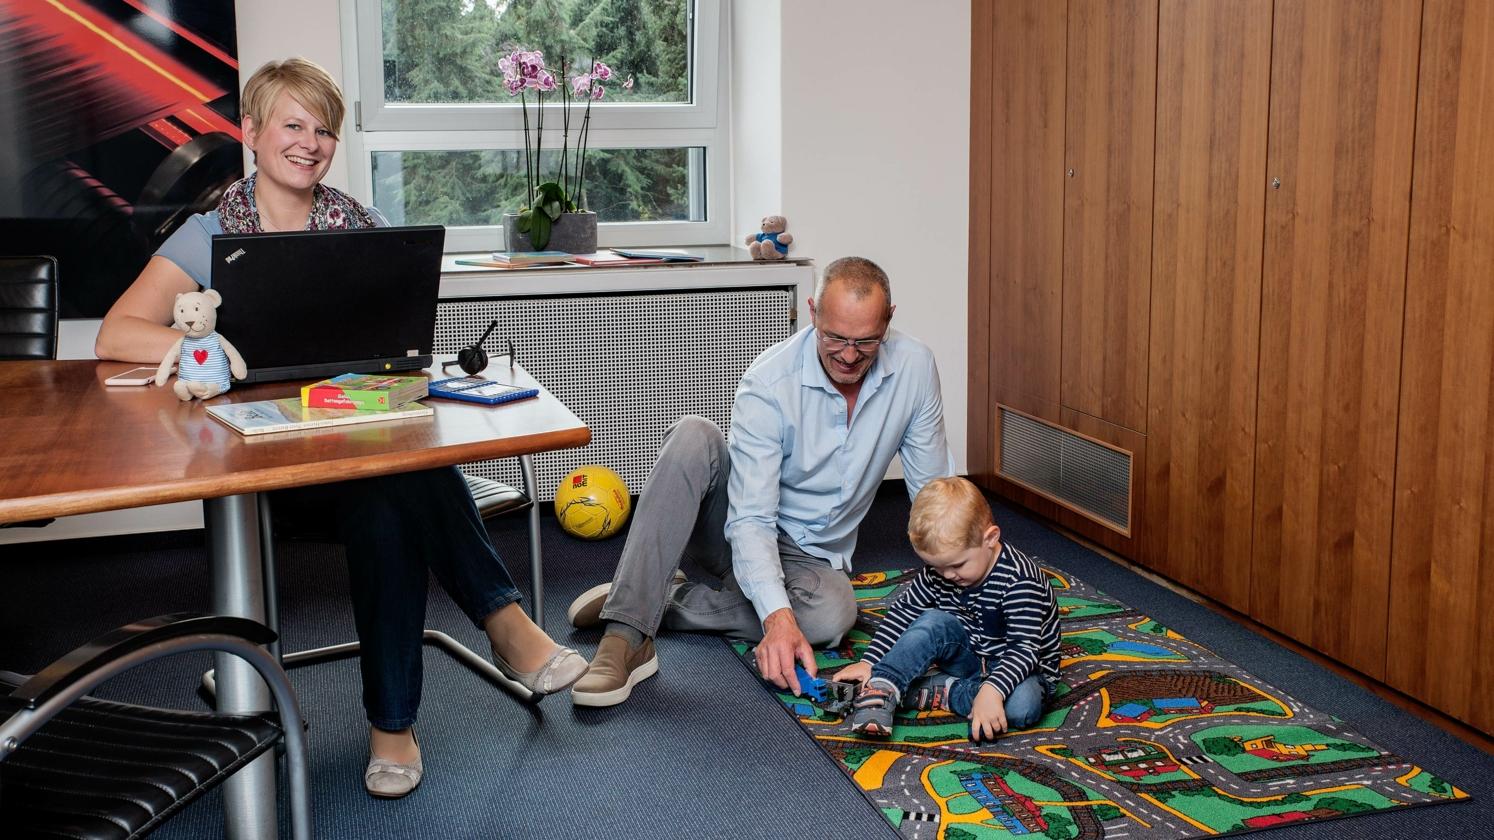 Ihr Vorteil: Vereinigung von Job und Familie